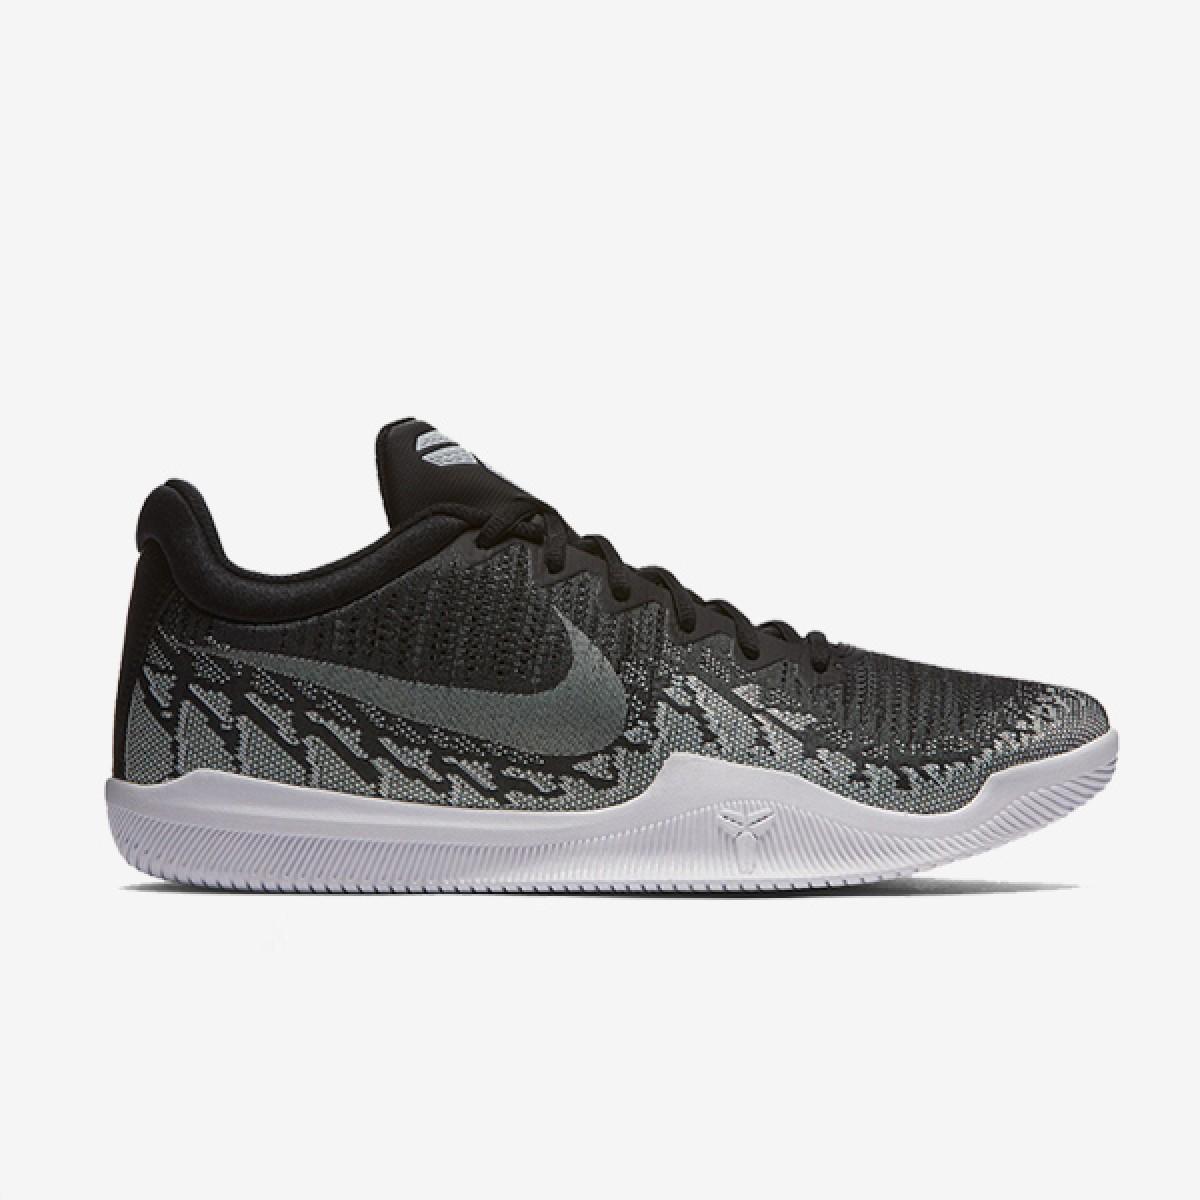 Nike Mamba Rage GS 'Viper Grey'